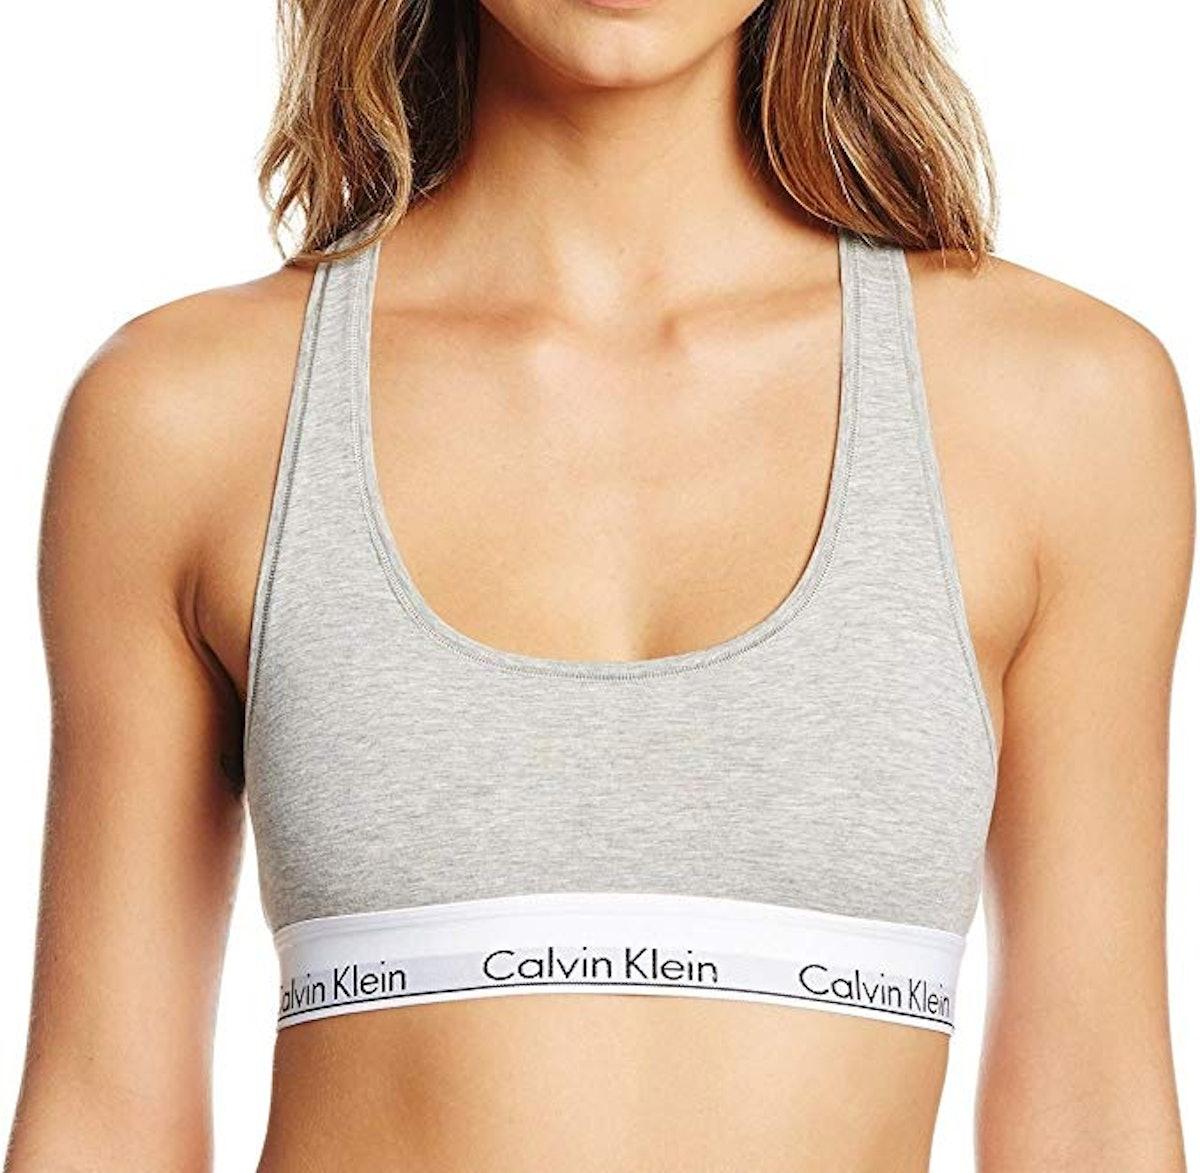 Calvin Klein Women's Cotton Bralette